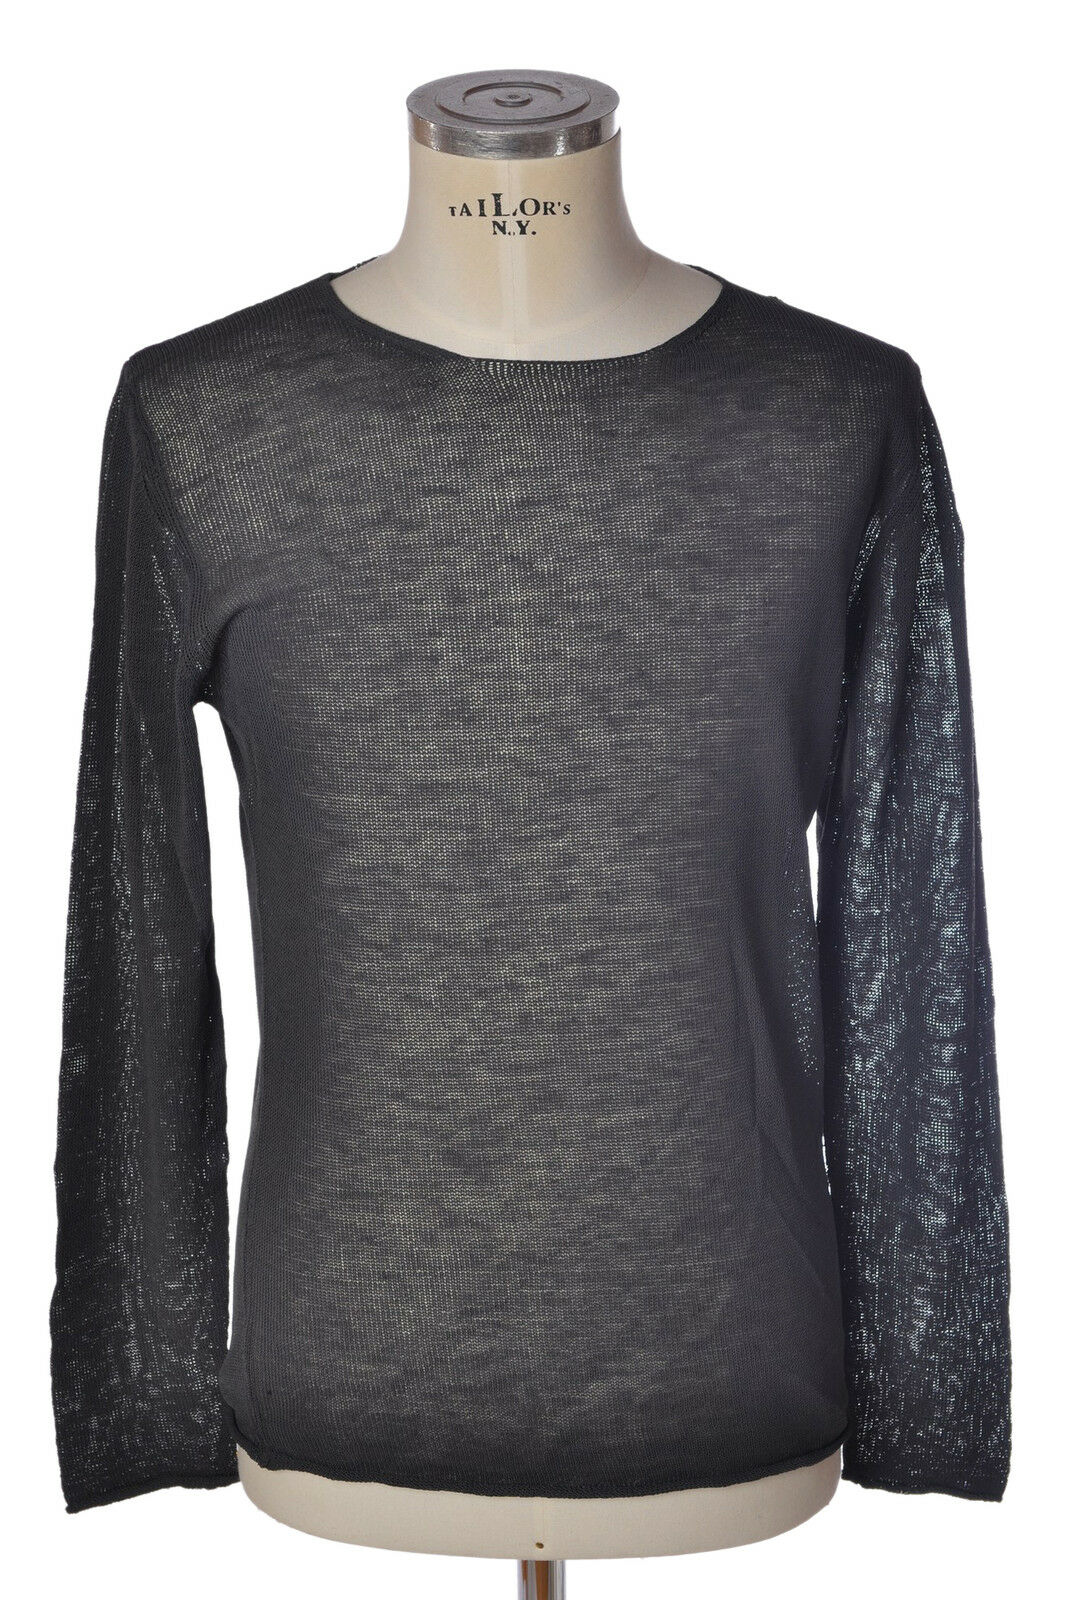 Daniele Fiesoli  -  Sweaters - male - M - None - 753402B164625